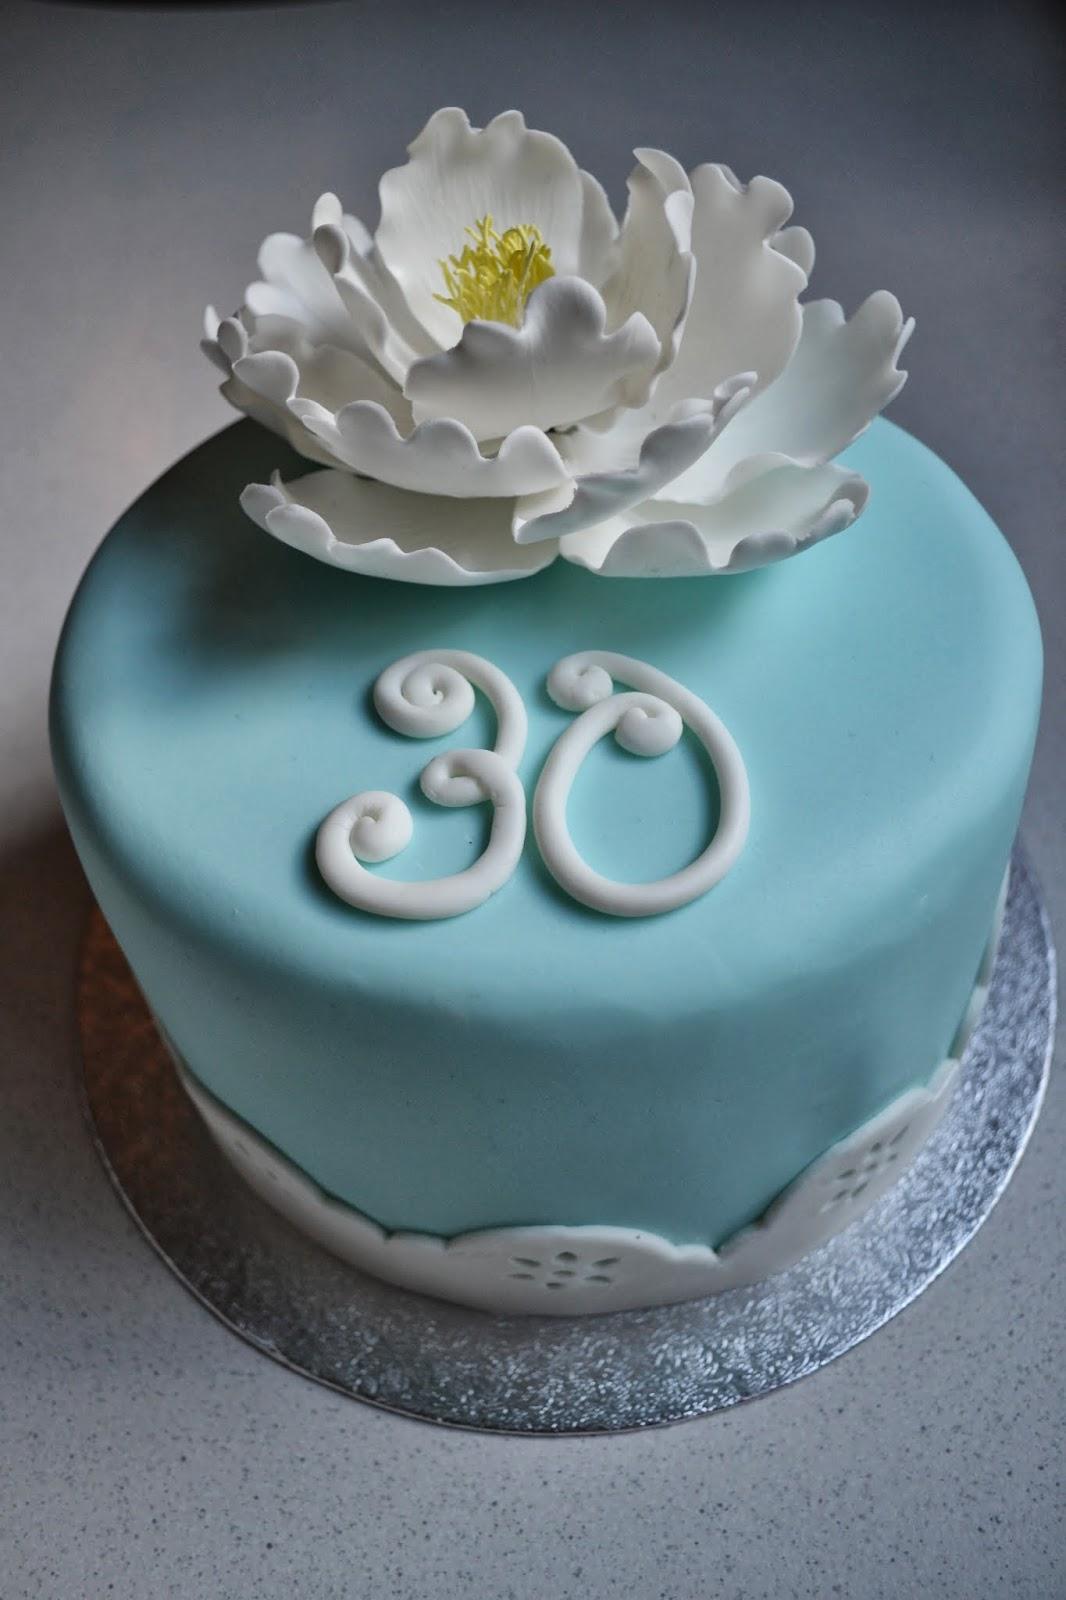 30 születésnapi torták Városi lány: Egyszerű torta 30. születésnapra 30 születésnapi torták